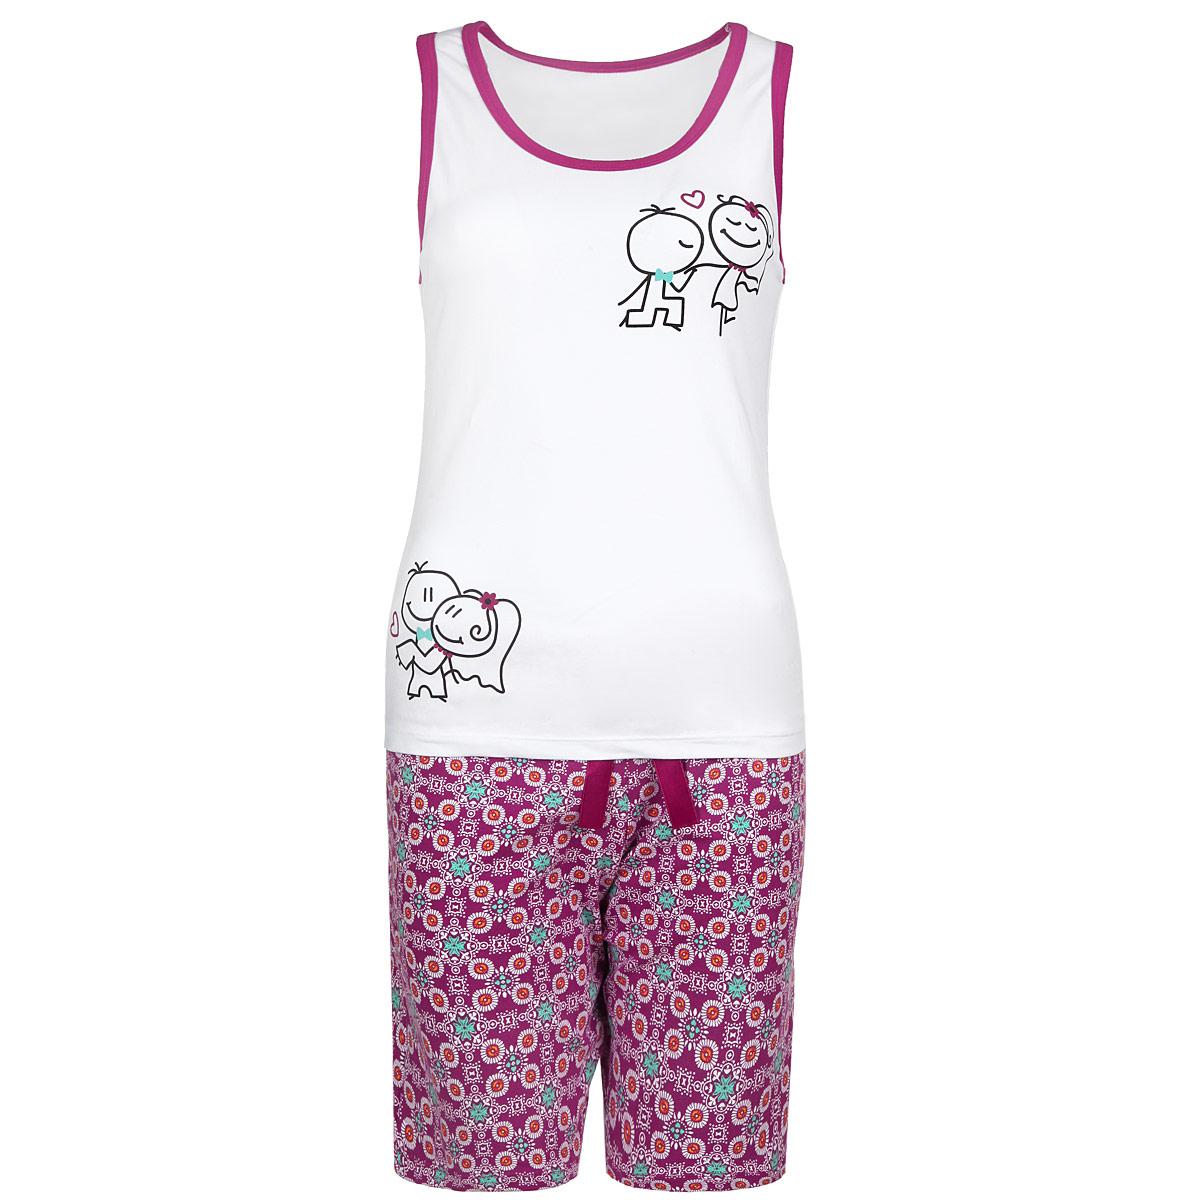 Пижама женская. 596596Женская пижама Milana Style состоит из майки и шортиков. Пижама выполнена из приятного на ощупь хлопкового материала. Майка и шорты не сковывают движения и позволяют коже дышать. Майка прямого кроя с круглым вырезом горловины на широких бретелях, на груди оформлена принтом с изображением забавных человечков. Свободные шорты на широкой эластичной резинке оформлены цветочным принтом и атласным бантиком на талии. Идеальные конструкции и приятное цветовое решение - отличный выбор на каждый день. В такой пижаме вам будет максимально комфортно и уютно.